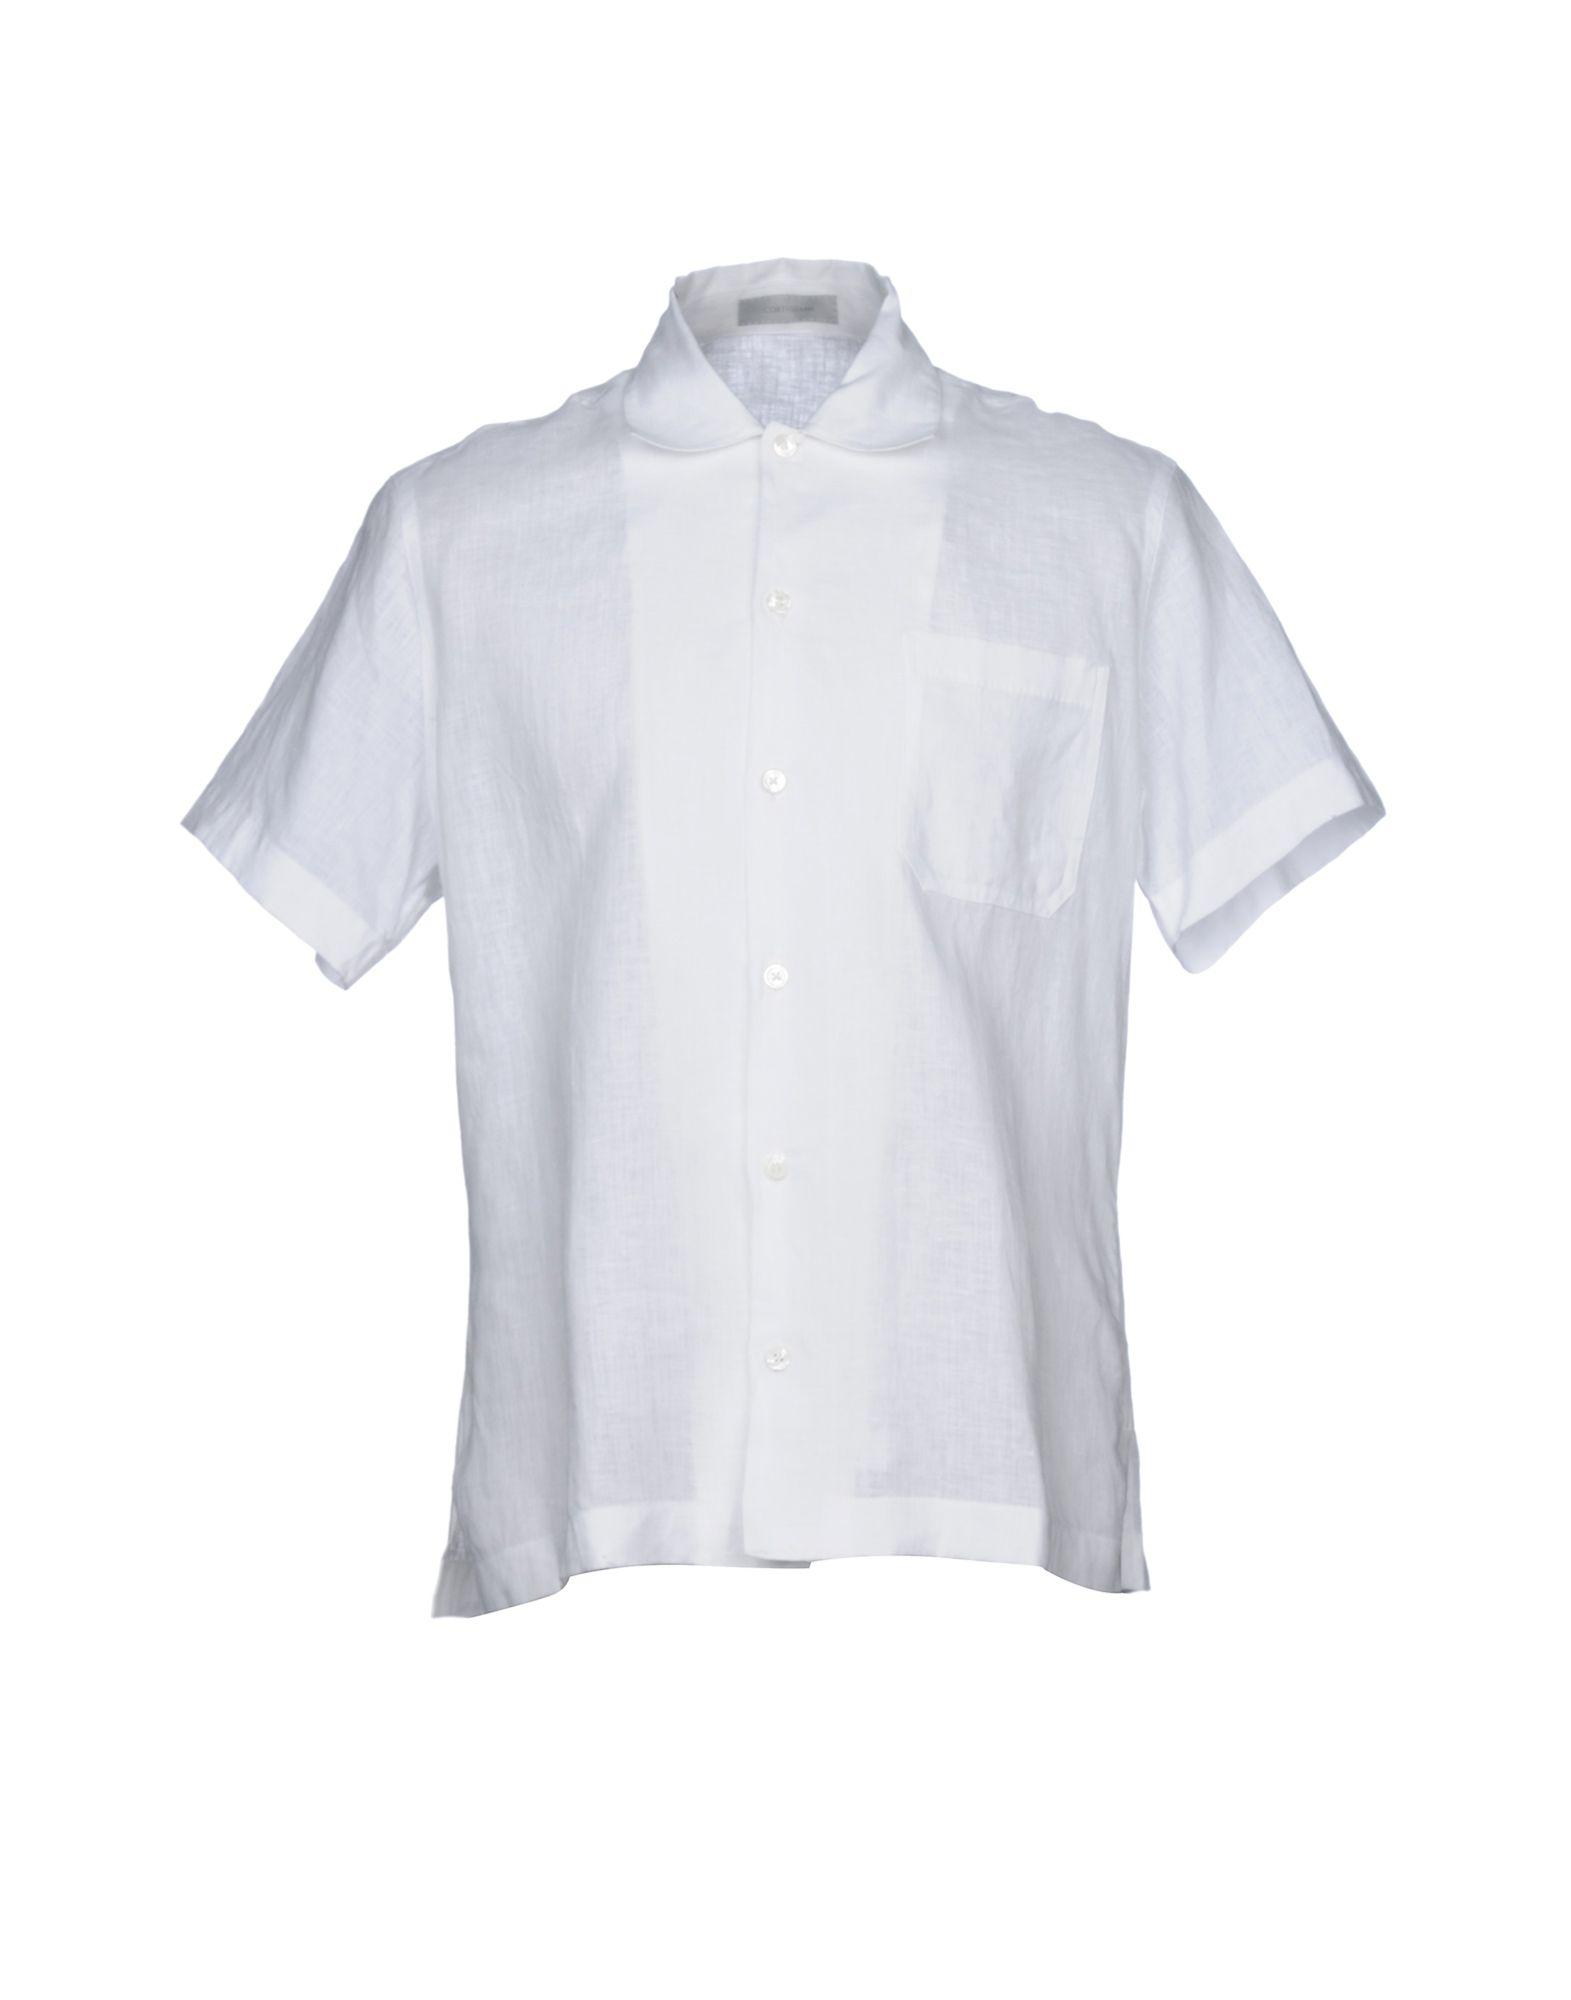 《セール開催中》CORTIGIANI メンズ シャツ ホワイト M 麻 100%